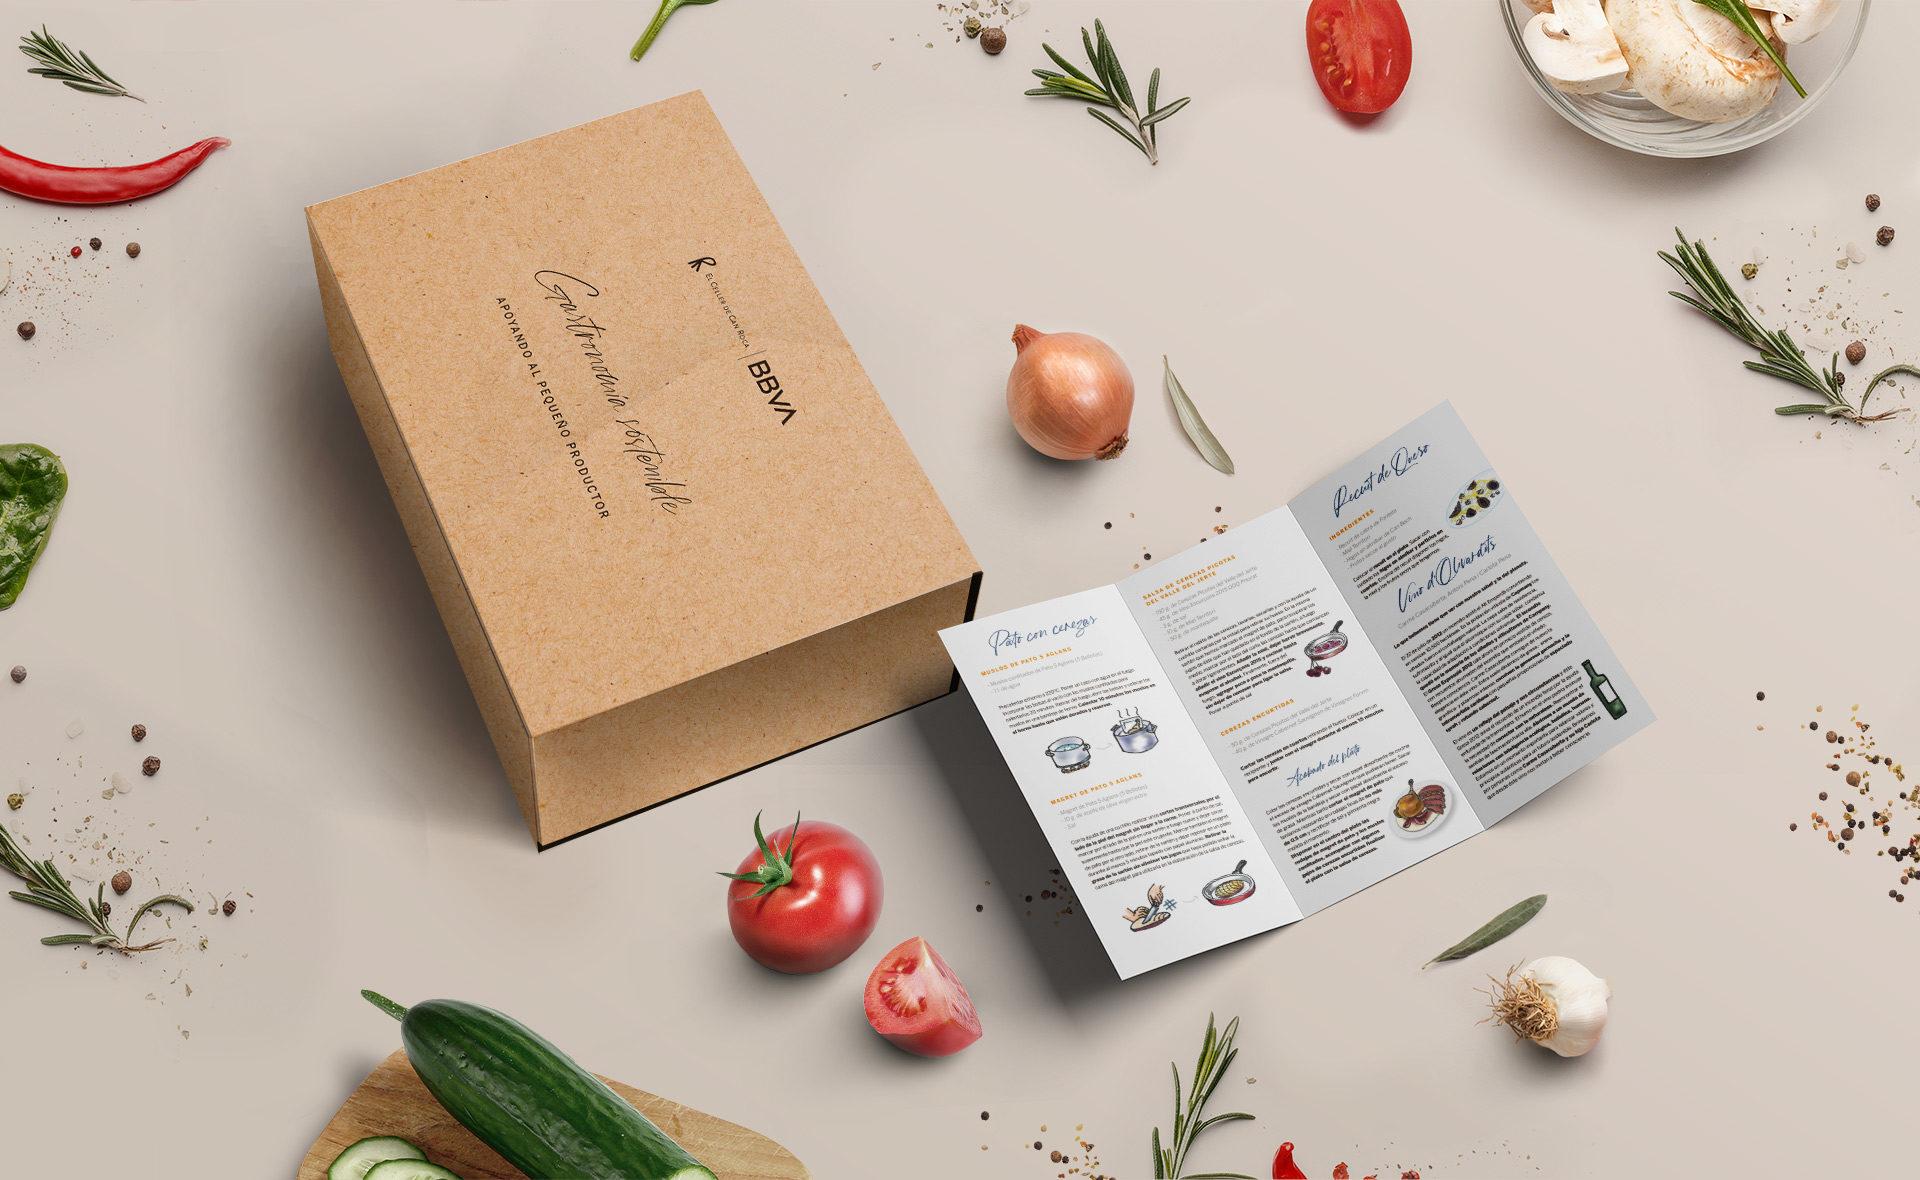 gastronomia-sostenible-alimentos-